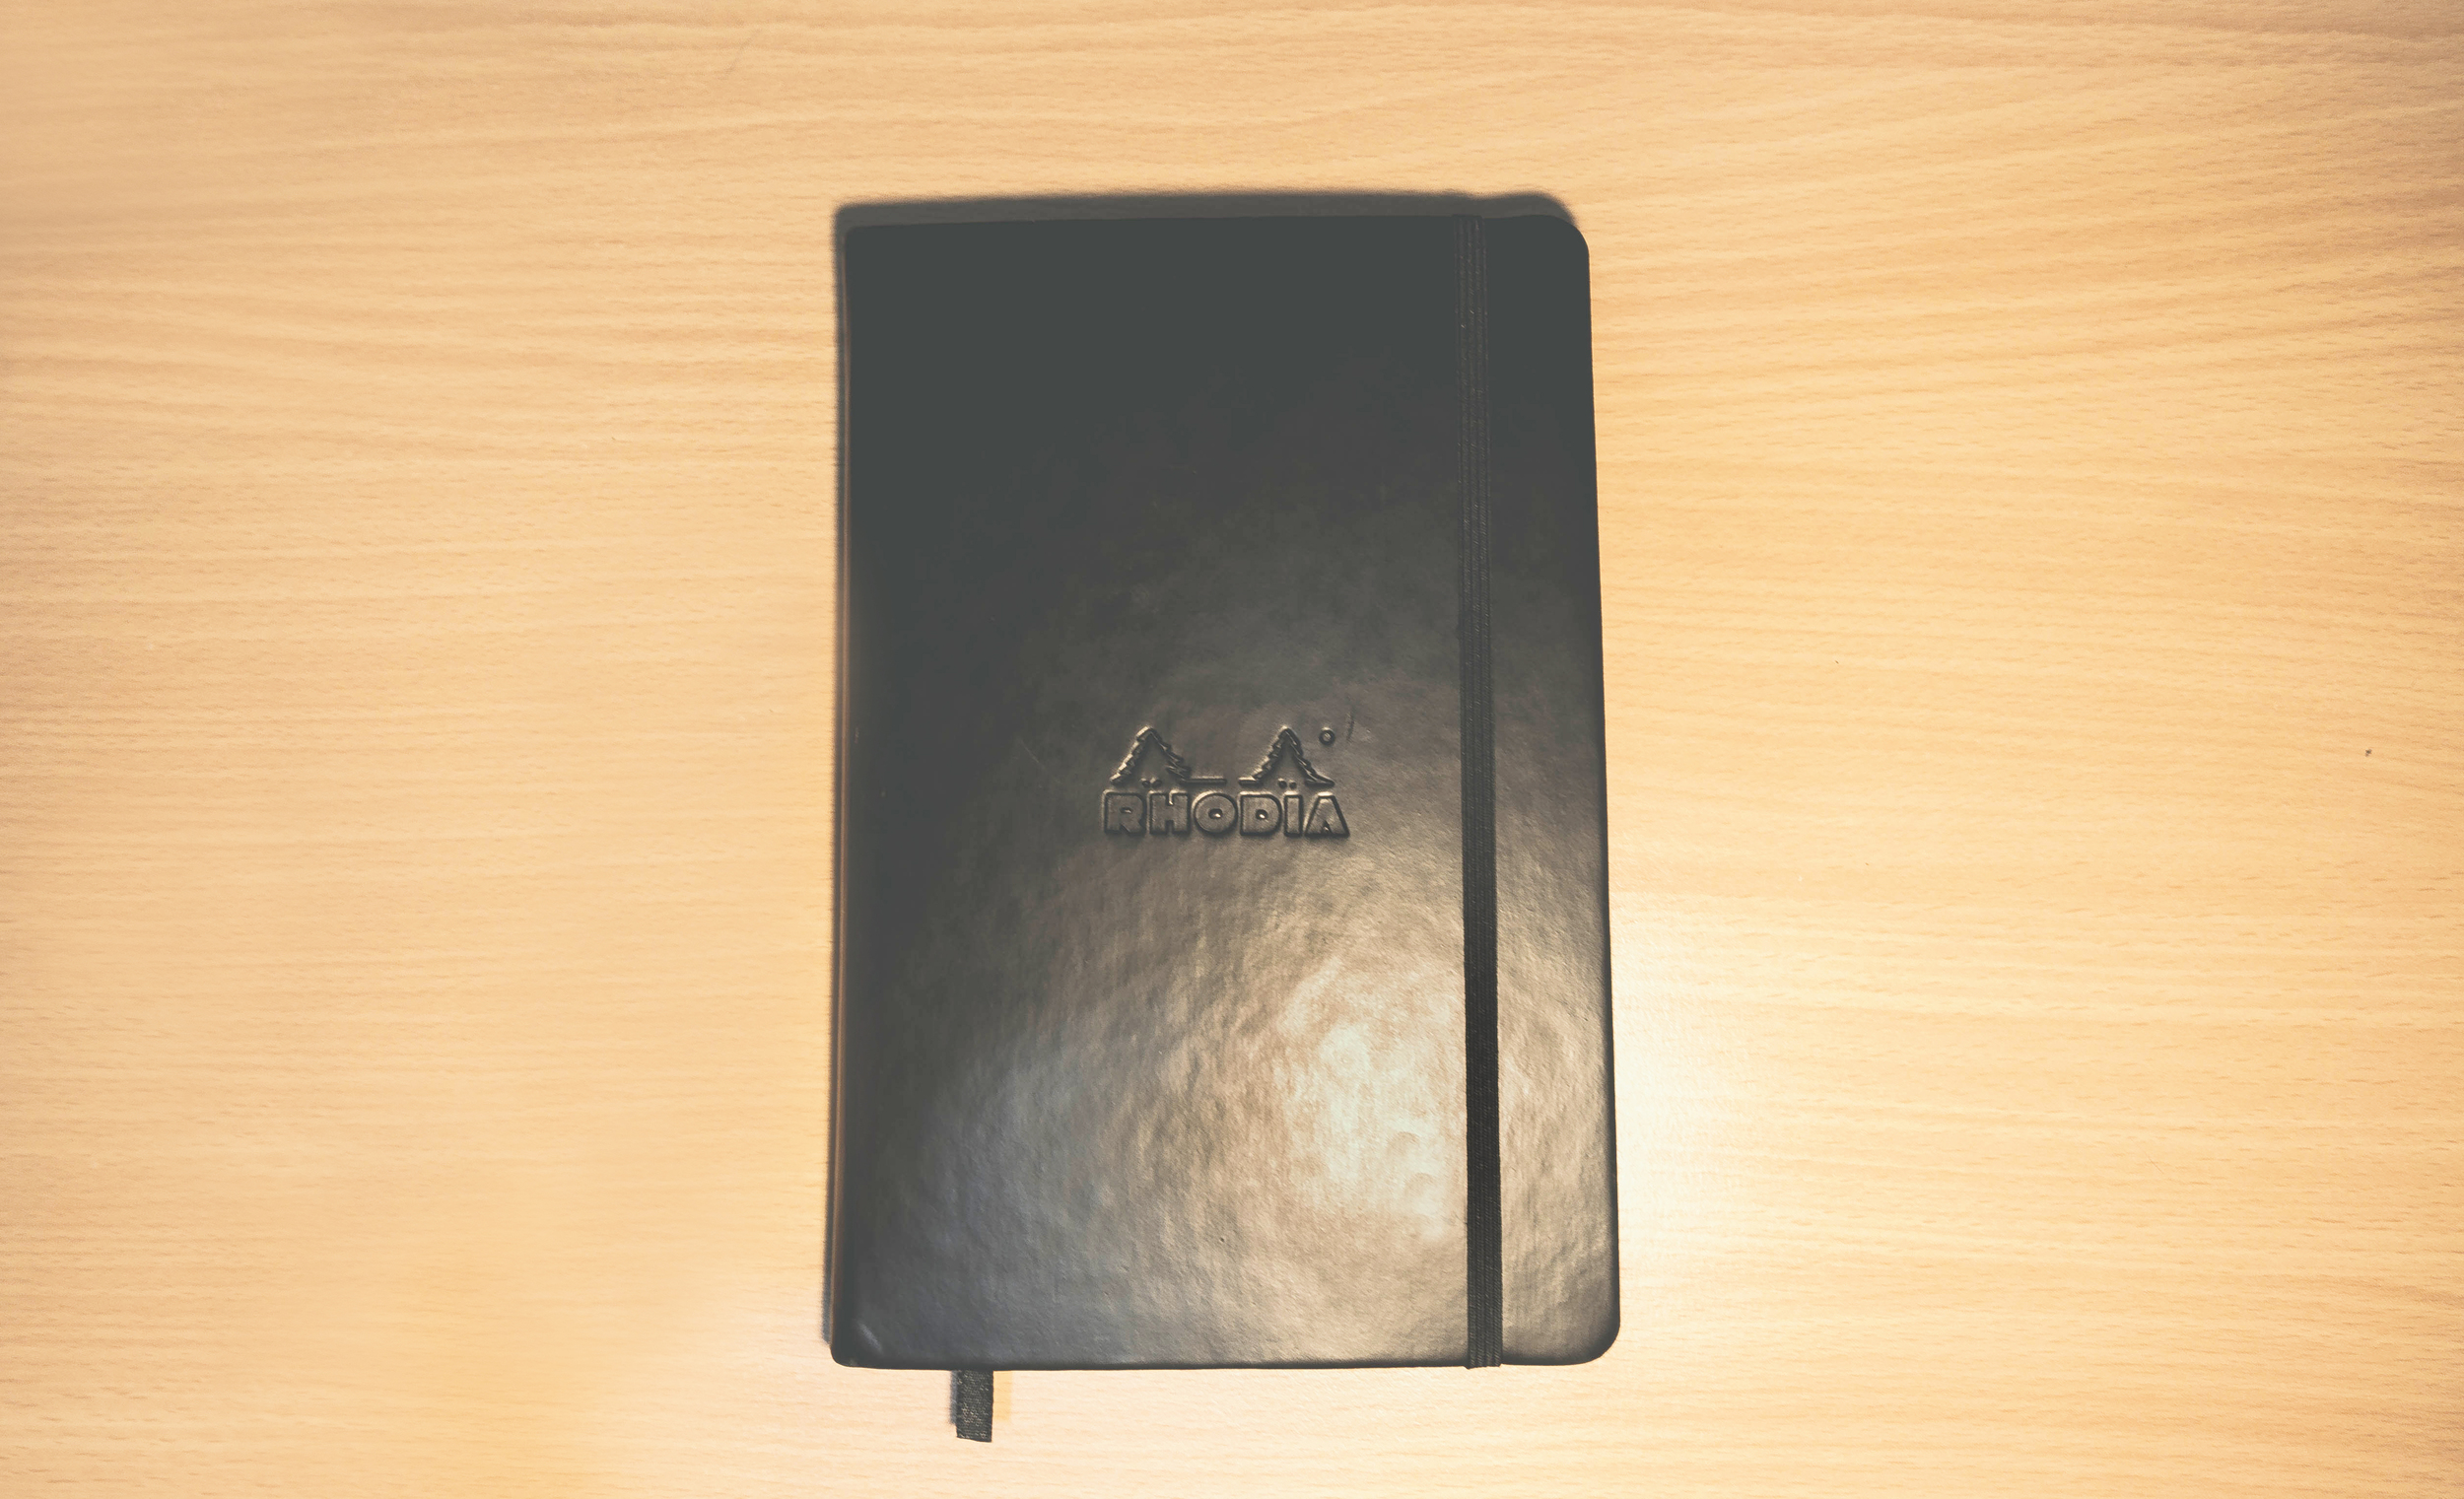 rhodiasketchbook